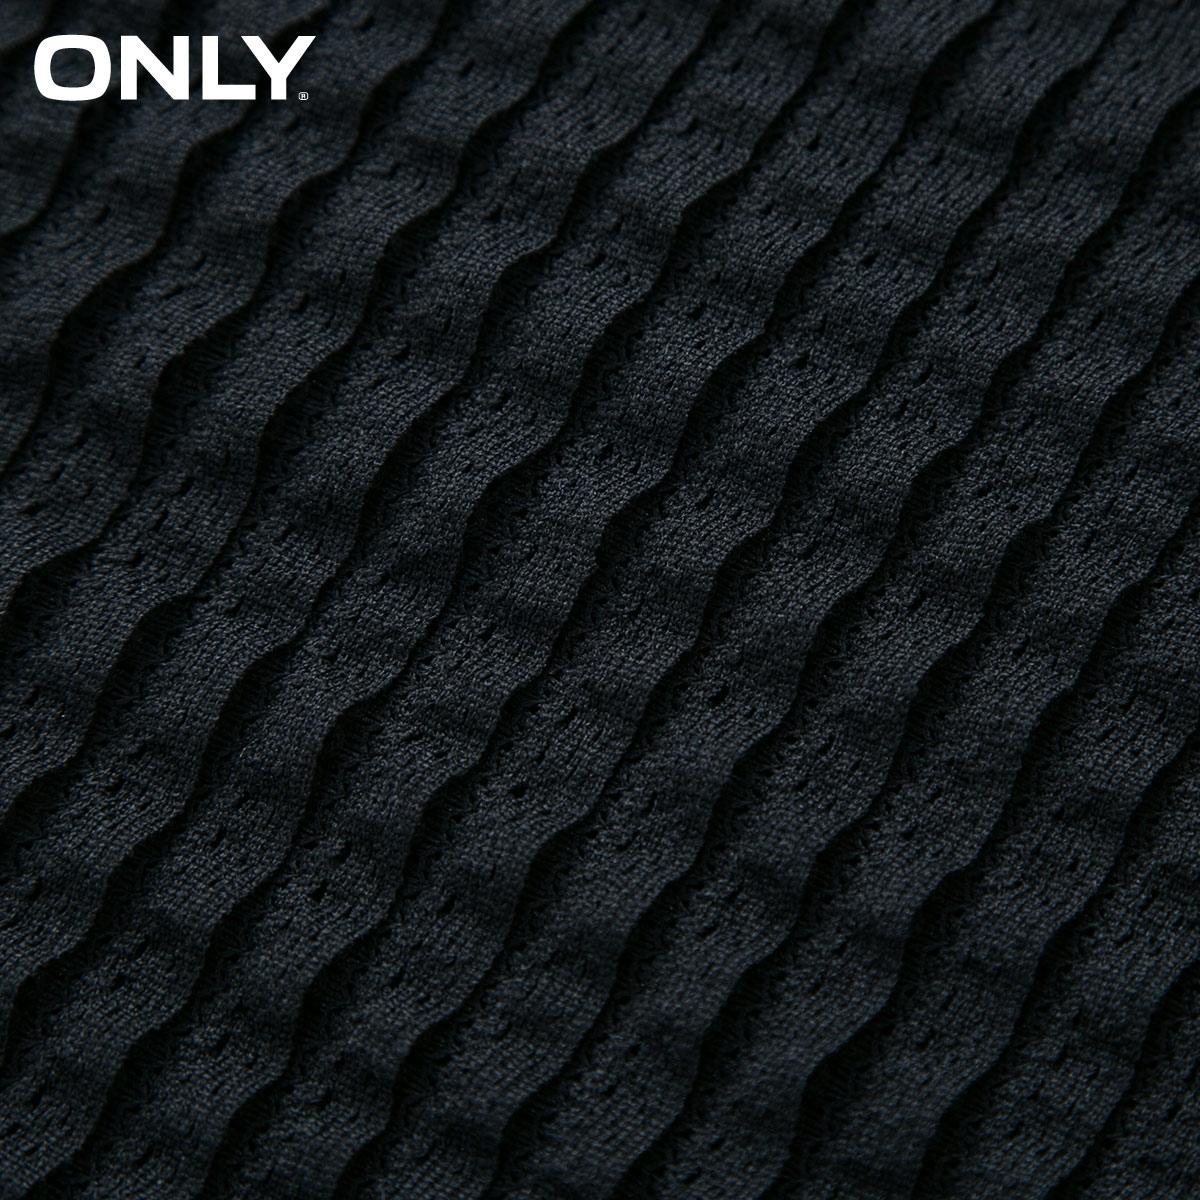 Chỉ nhiều lớp ren thiết kế bảy điểm tay áo đan đáy t-shirt nữ-116330545 Áo phông